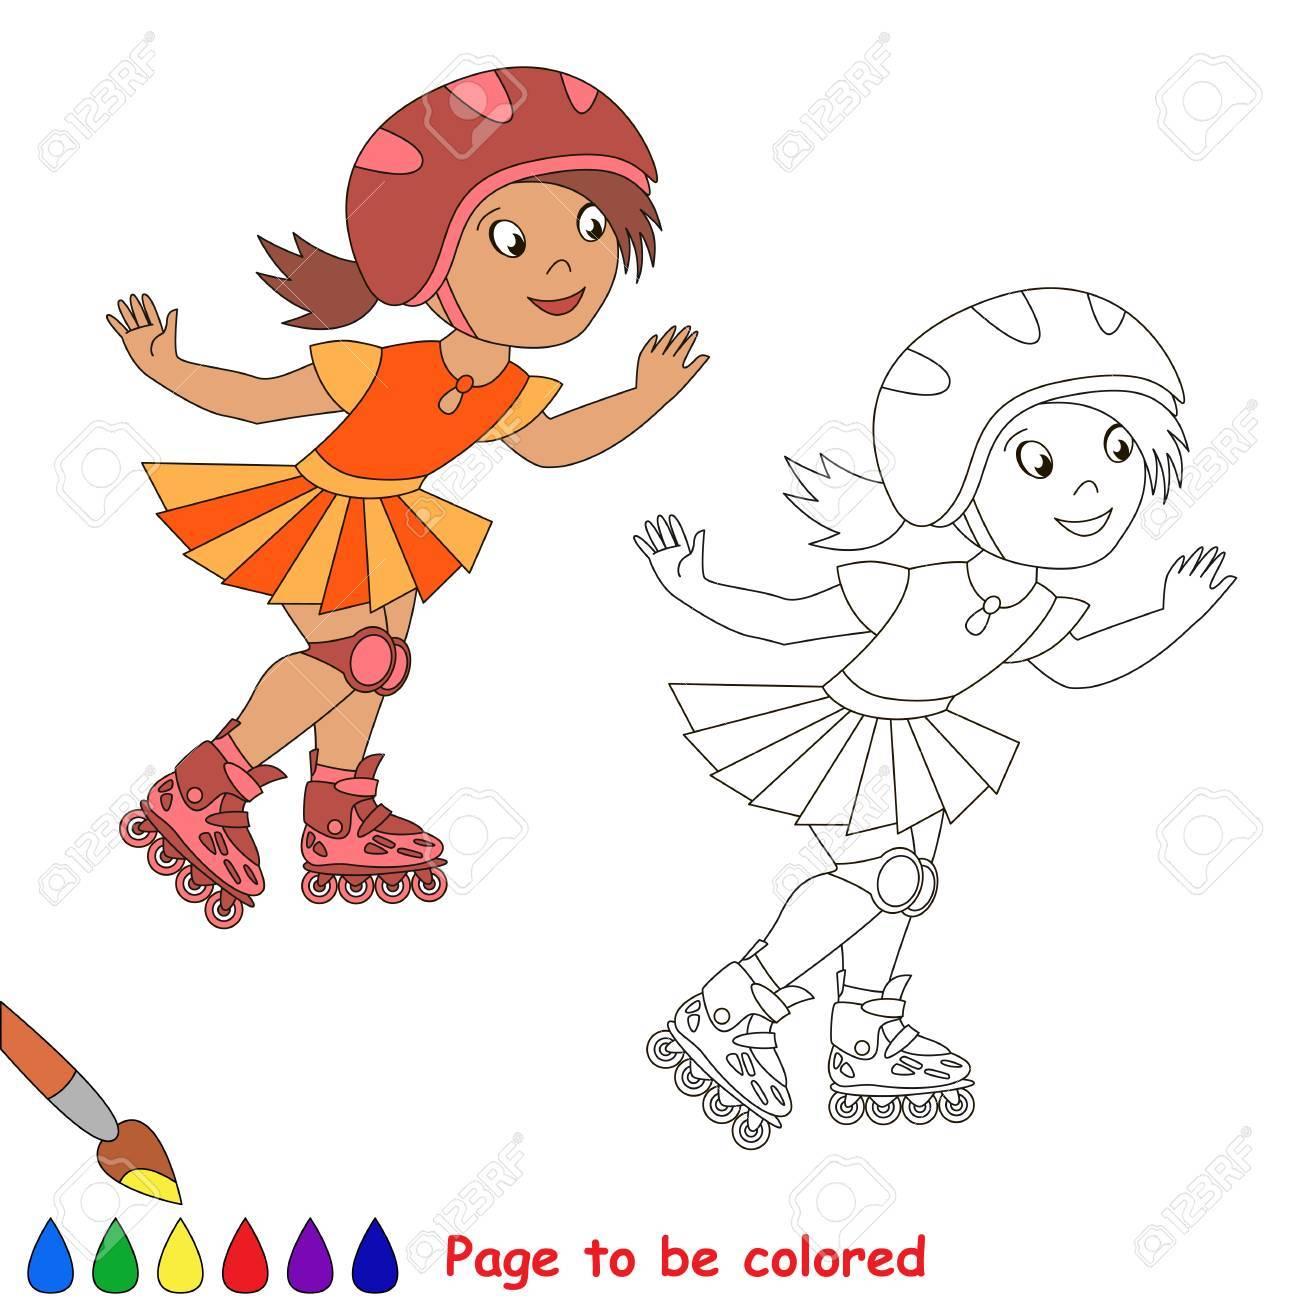 Ein Kind Mädchen Rollschuhlaufen In Einem Roten Helm Und Orange ...